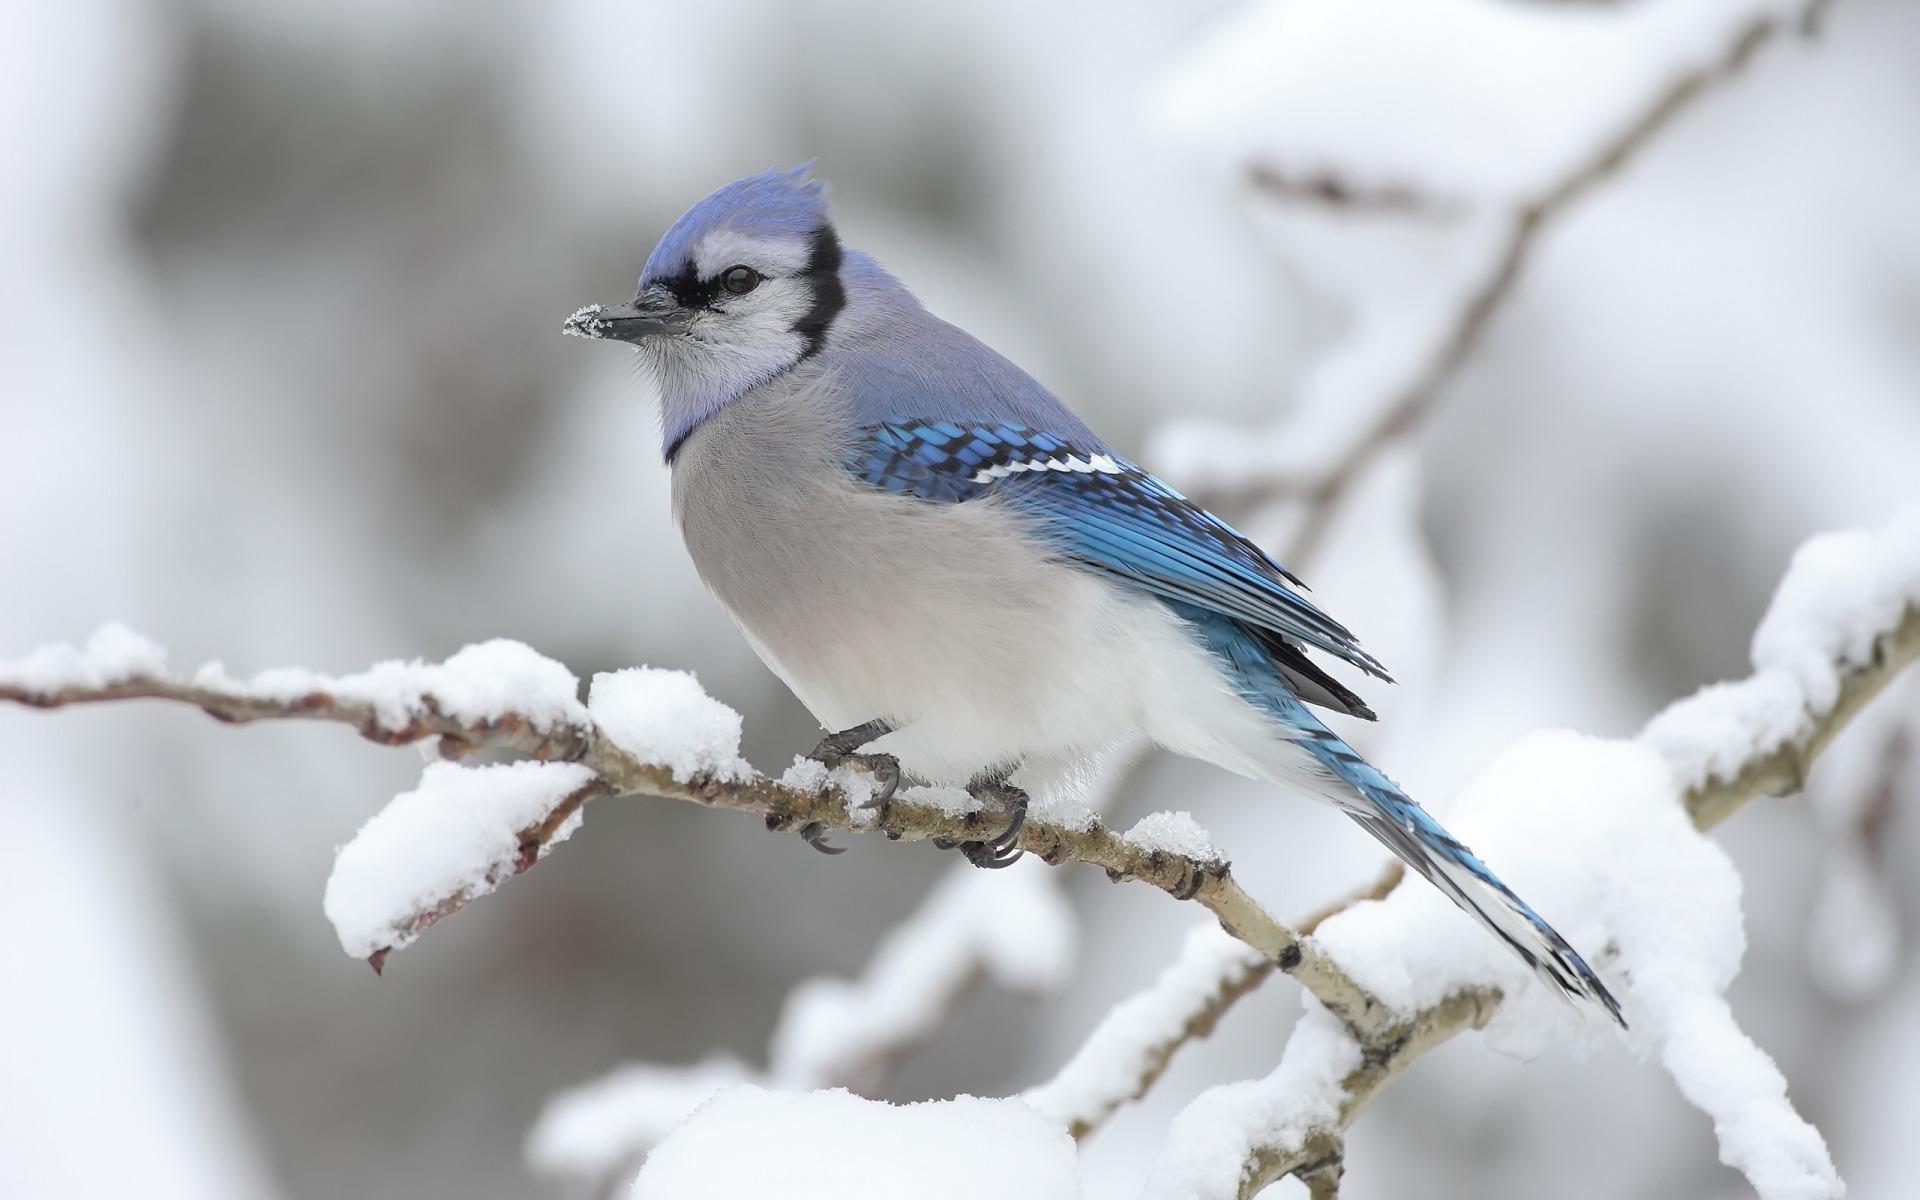 bird wallpaper downloads A9